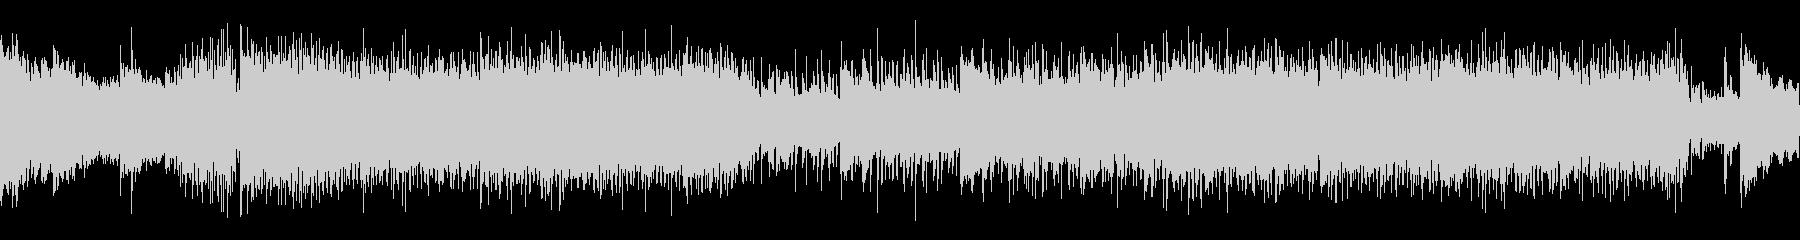 Duelist 60秒の未再生の波形